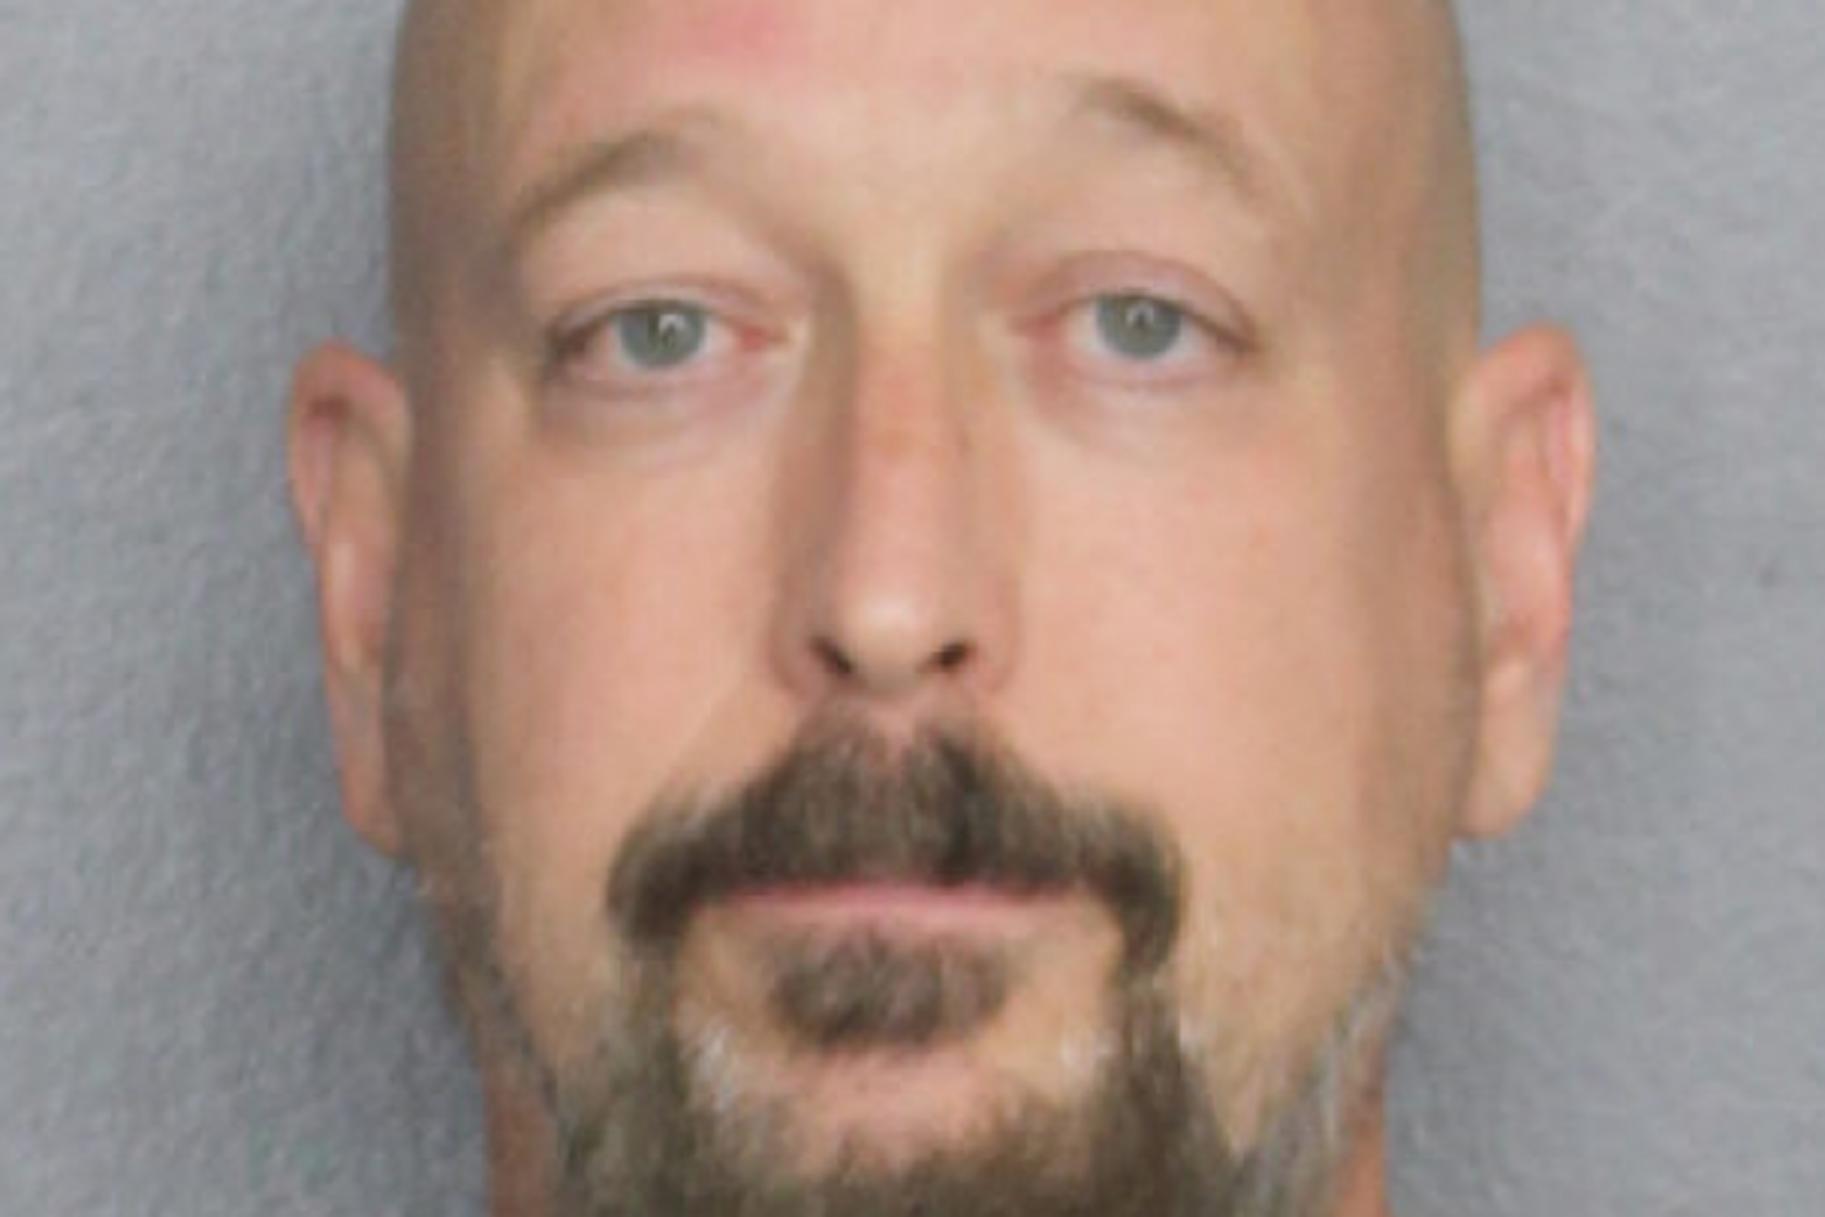 Moški s Floride naj bi bil razkosan sostanovalec, trdi, da je bil 'naslednji množični morilec', pravi policija